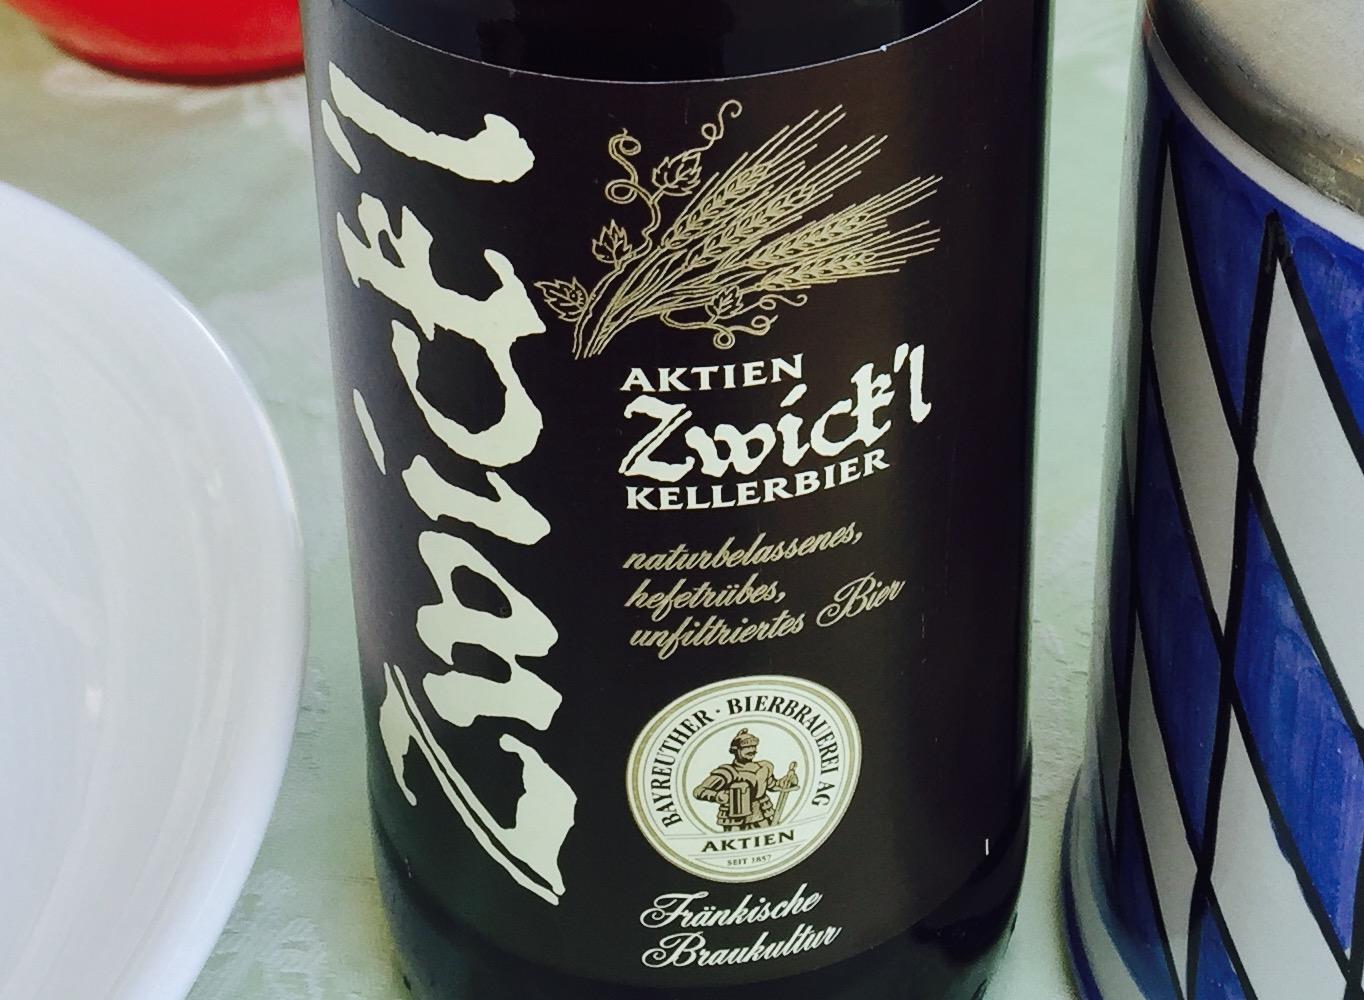 Zwickl - Kellerbier